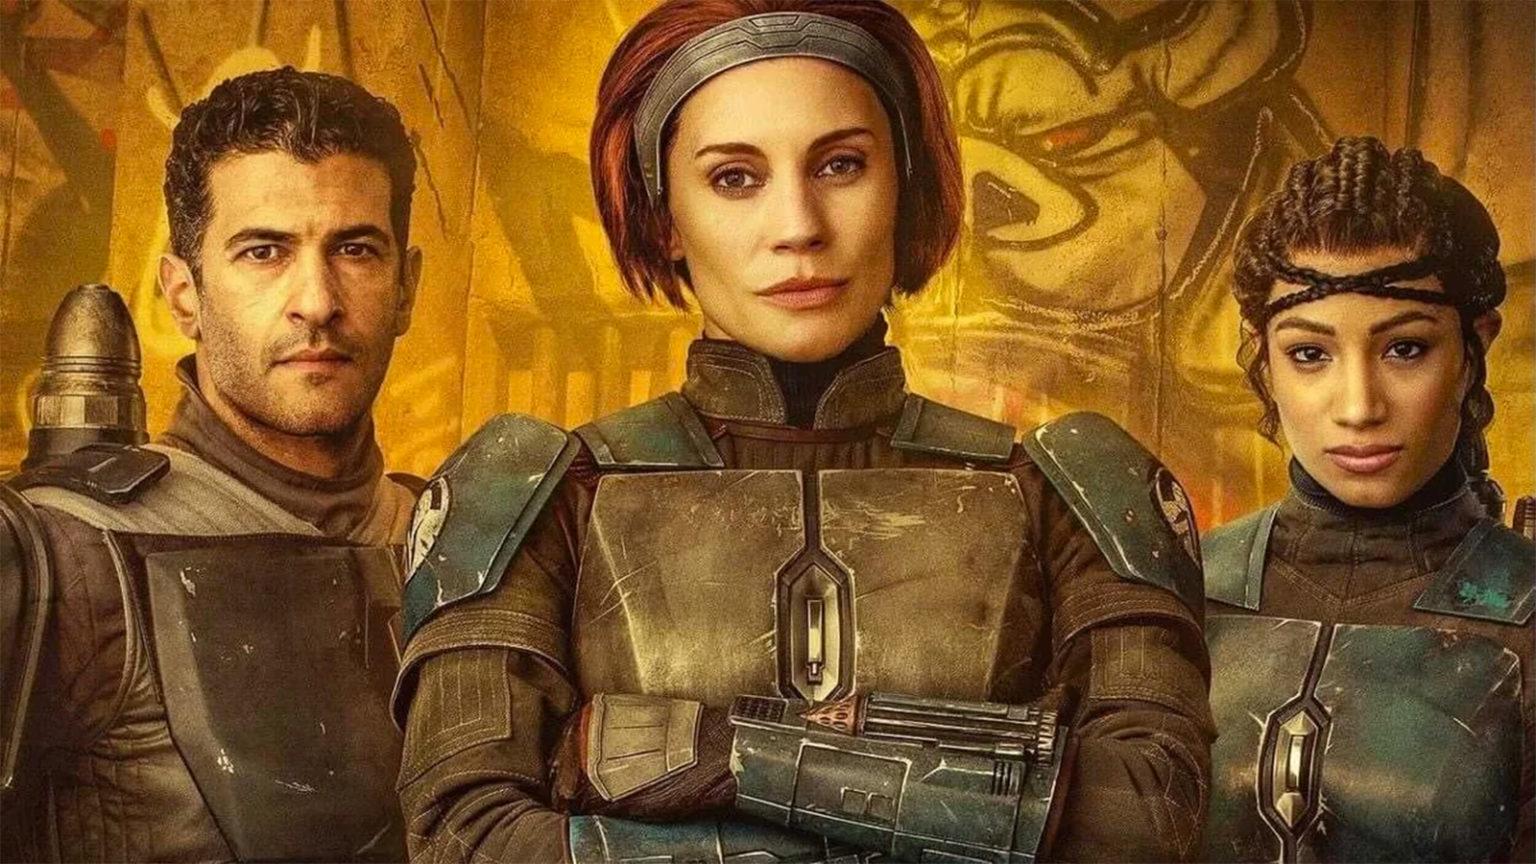 Sasha banks est récement apparue dans The Mandalorian